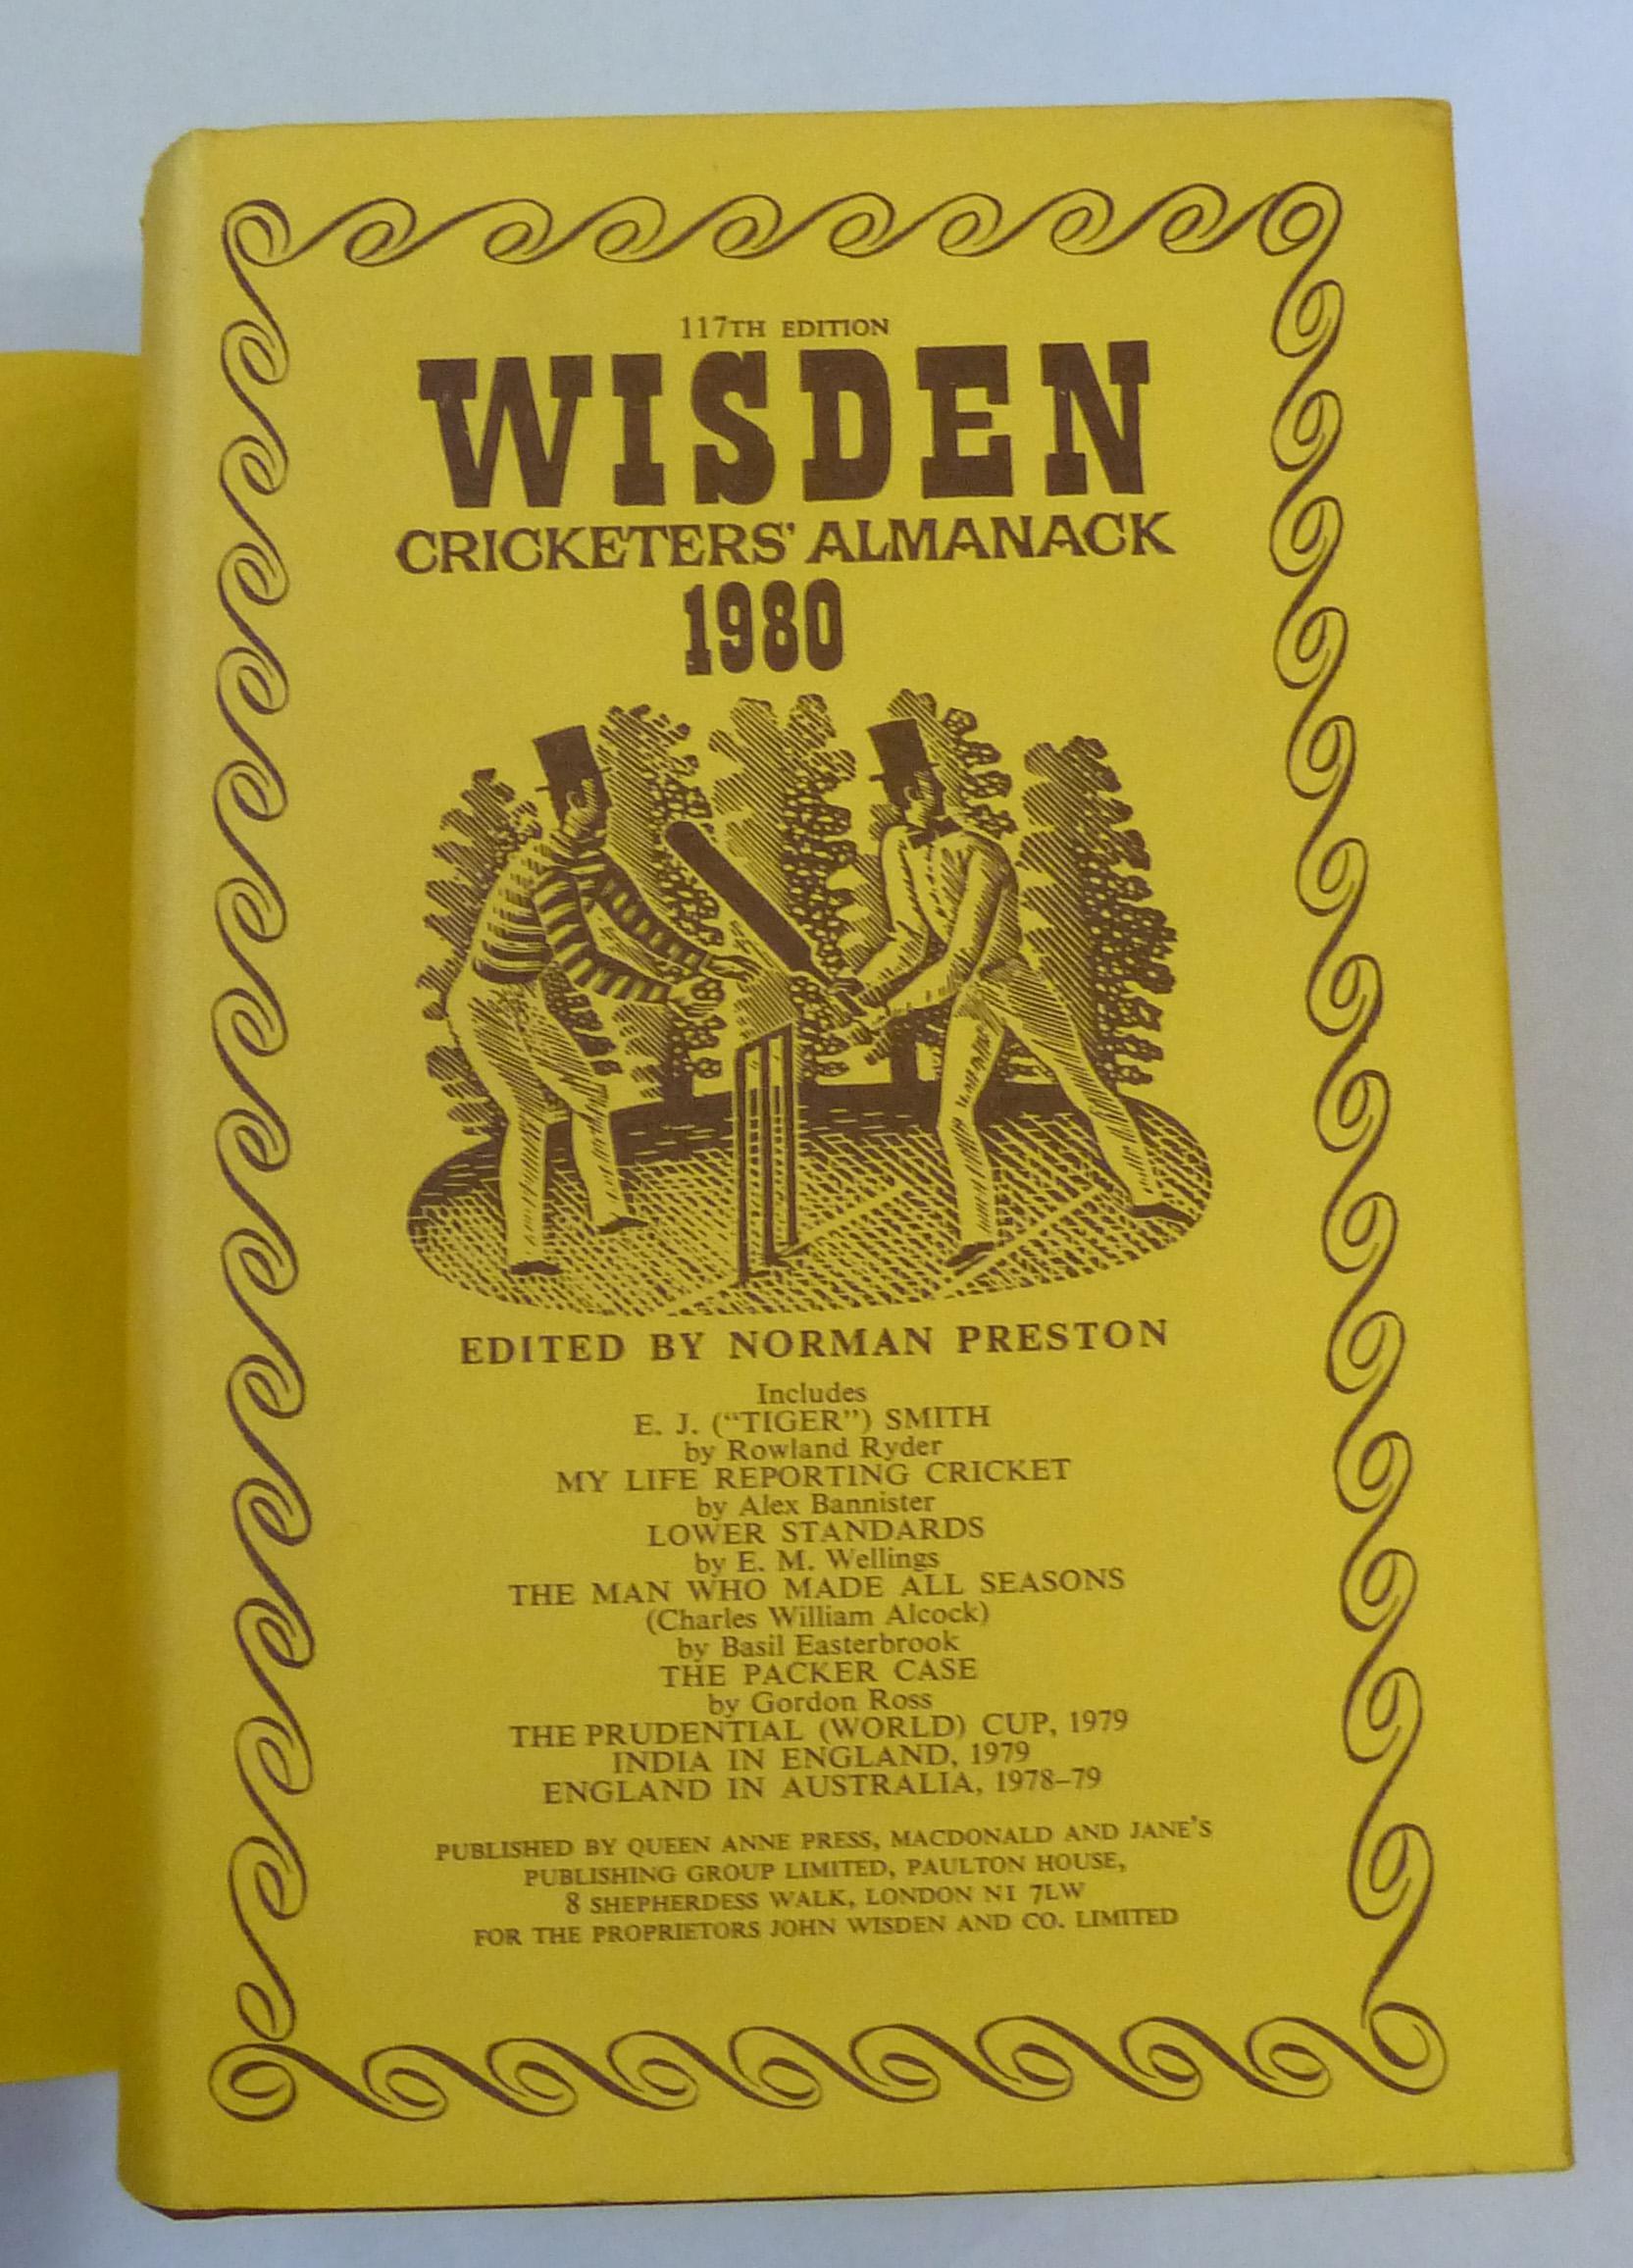 Wisden Cricketers' Almanack 1980